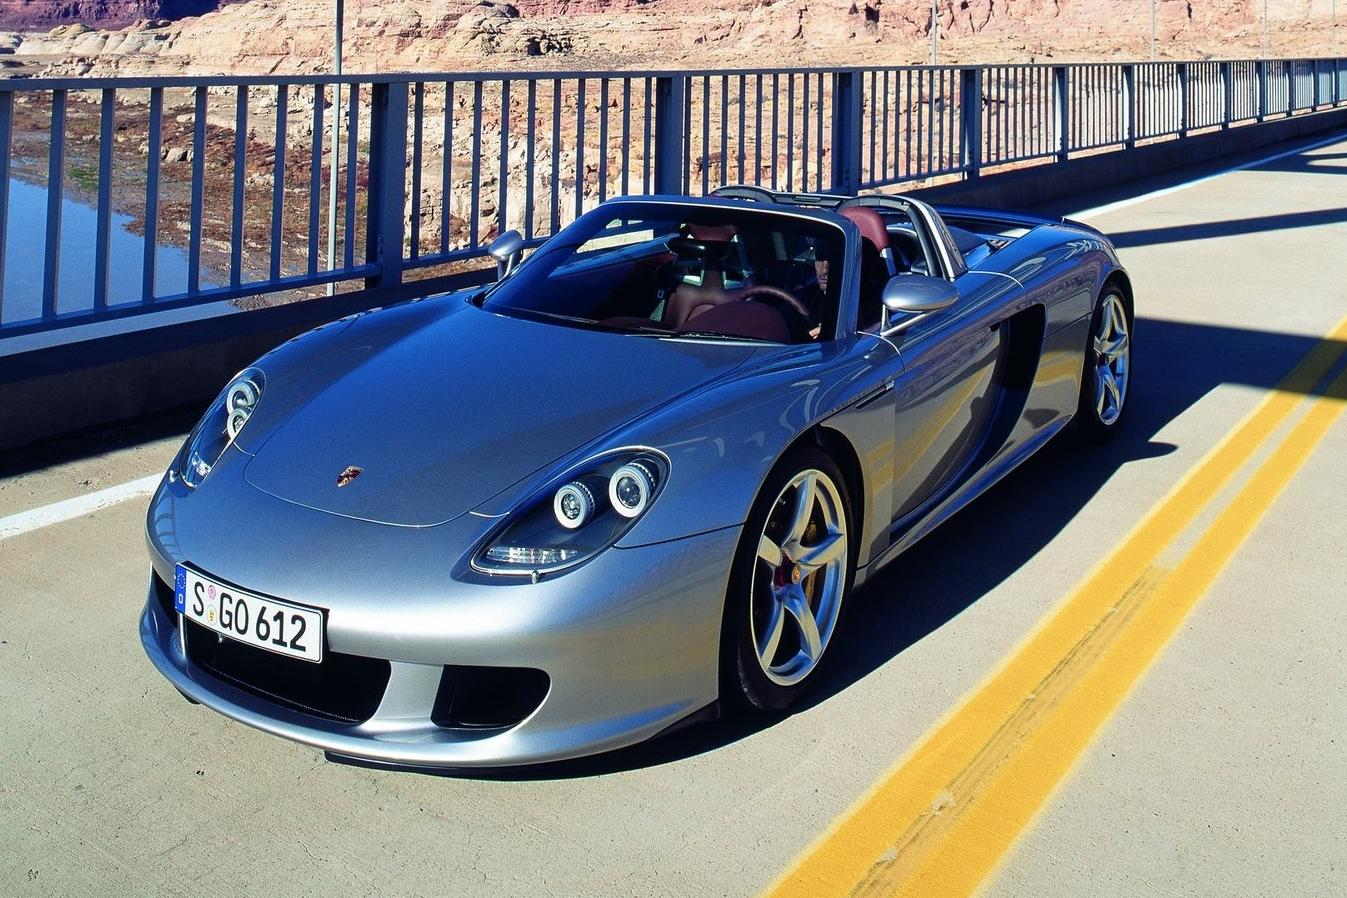 Porsche Carrera GT envolvido no acidente que matou o ator Paul Walker pode  chegar a 330 km h - Fotos - R7 Carros cdf72fbcb0